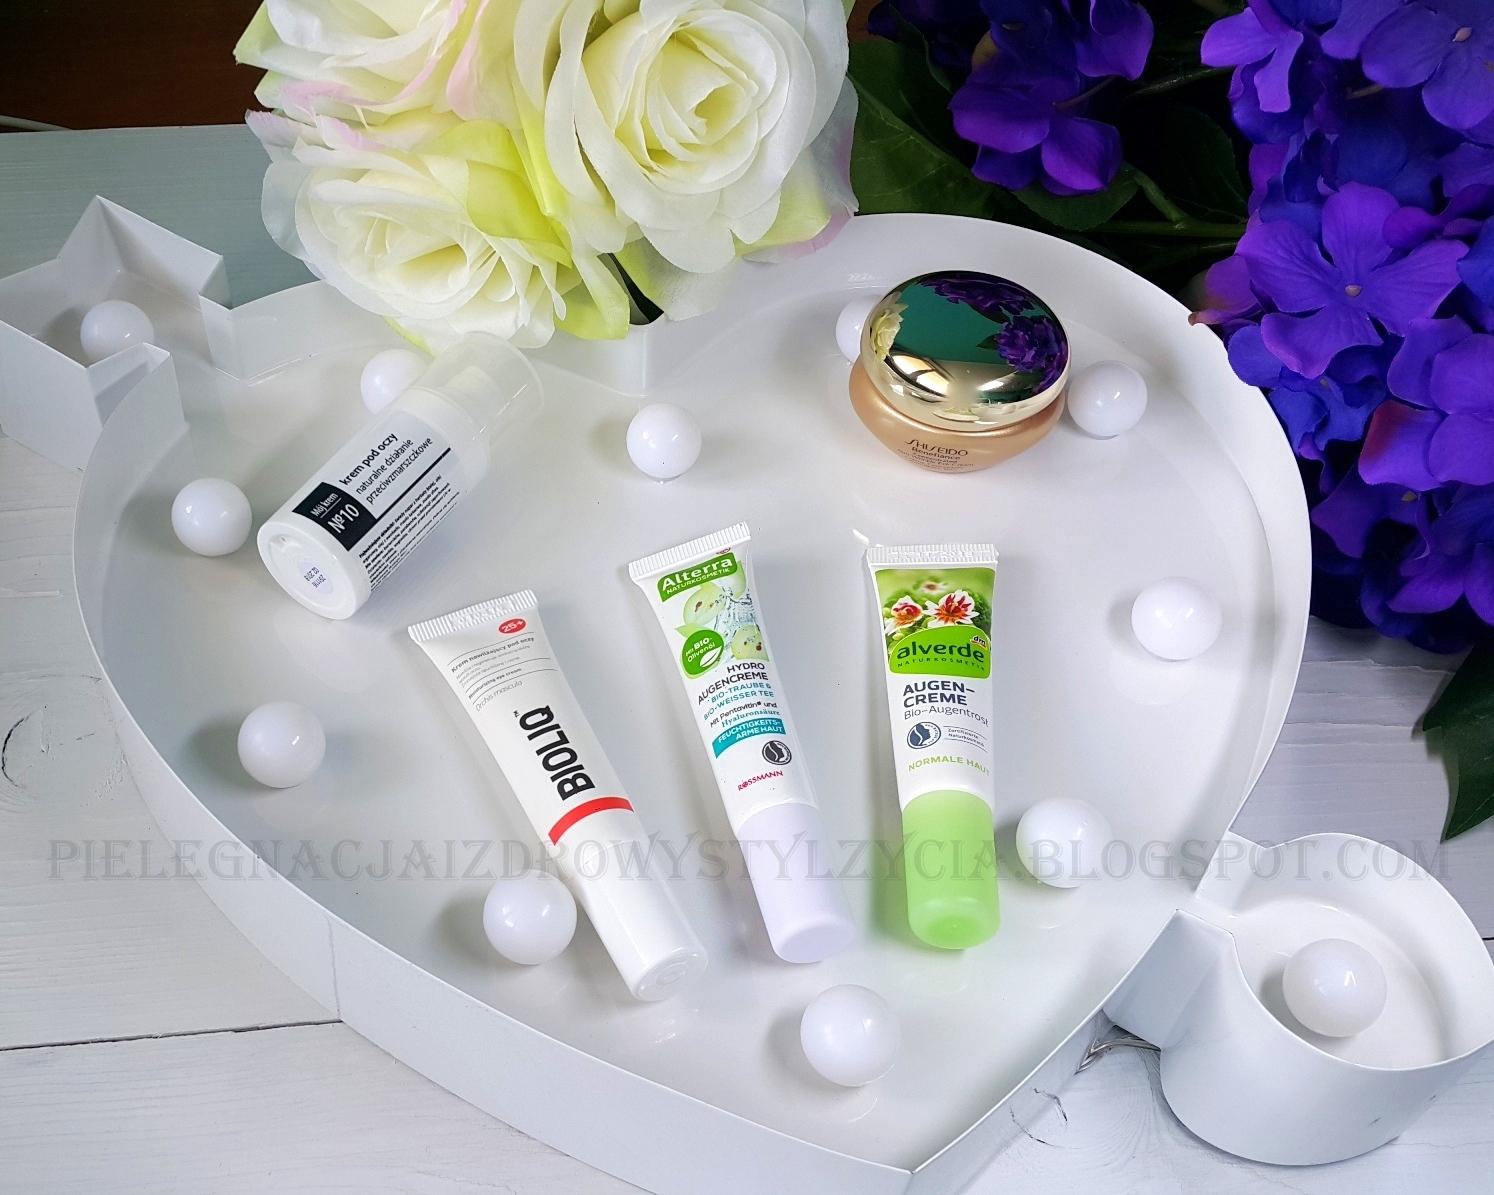 Krem pod oczy Shiseido, Fitomed, Bioliq, Alterra, Alverde